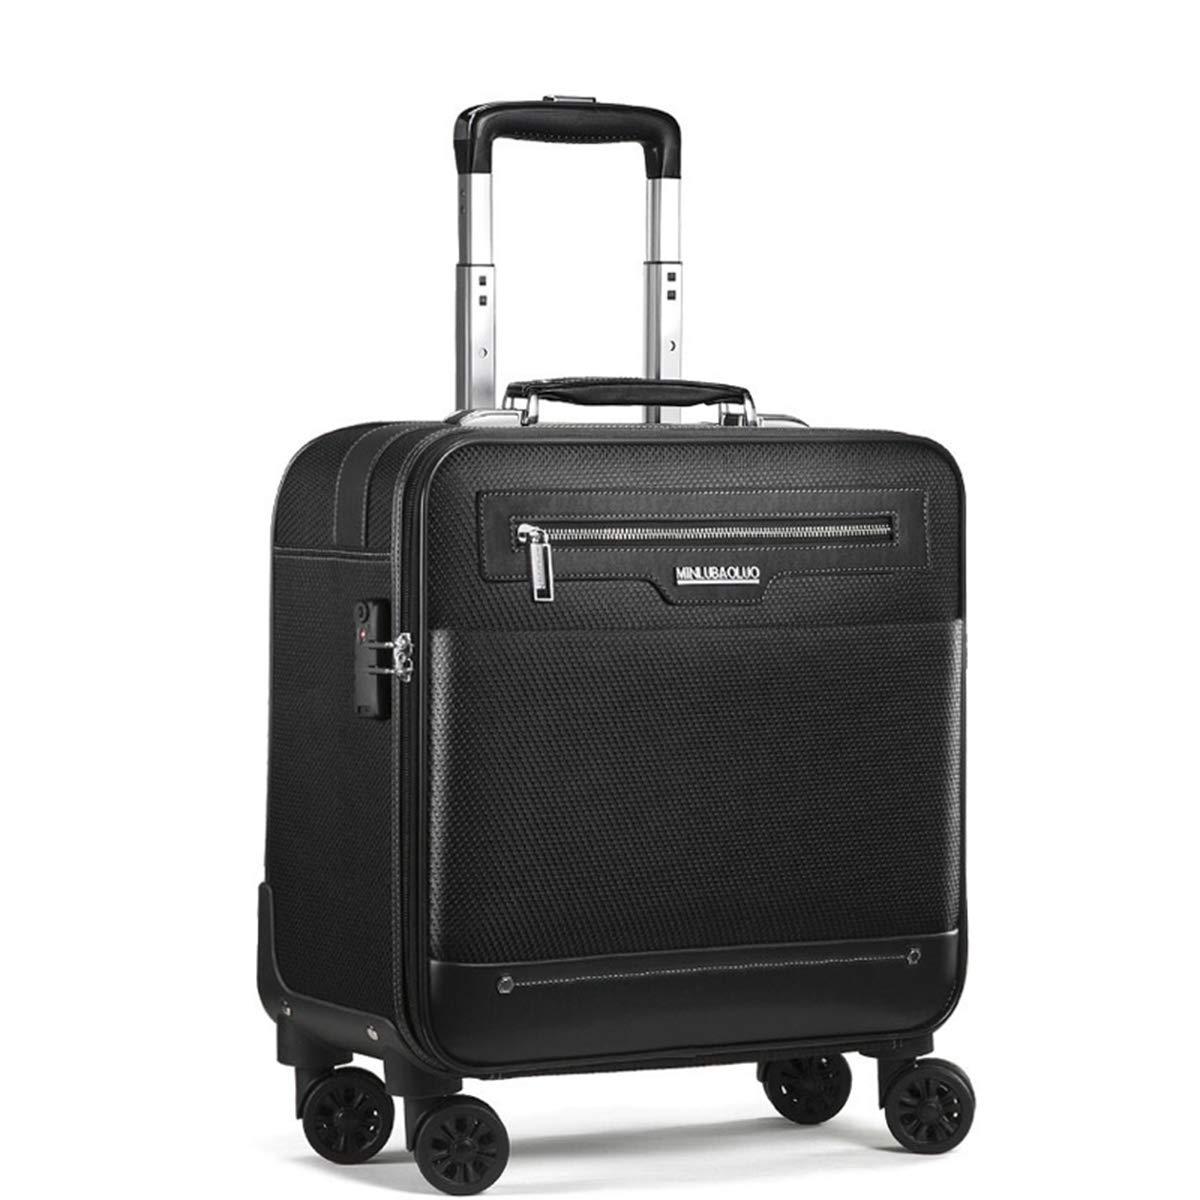 スーツケース、ユニバーサルホイール防水オックスフォードハンドトロリーボックスビジネススーツケース用男性と女性,Black,16in B07QDFFVJ5 Black 16in